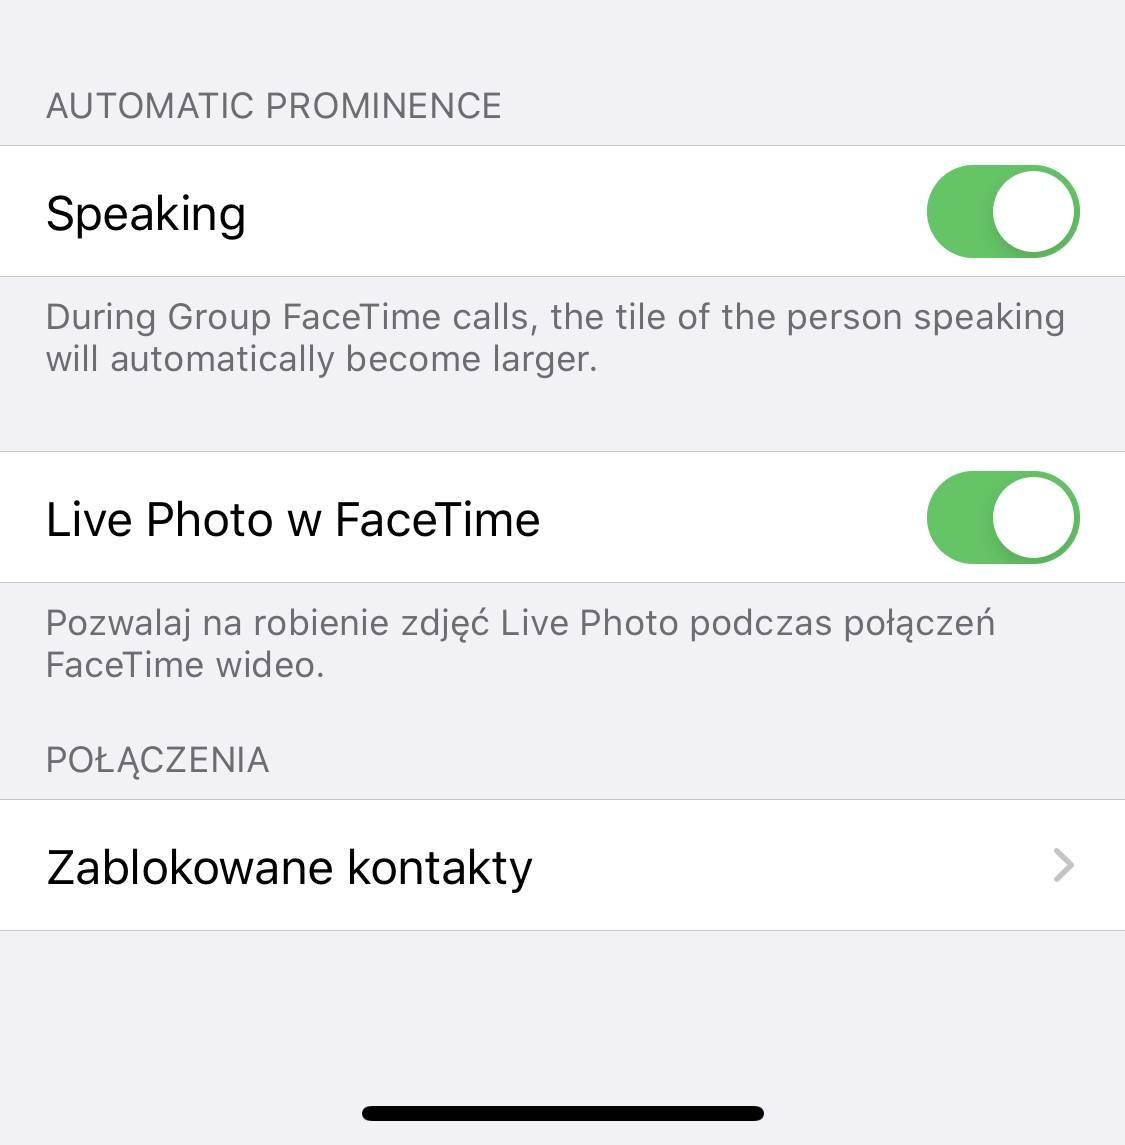 iOS 13.5 pozwala wyłączyć automatyczne powiększanie podczas grupowego połączenia FaceTime polecane, ciekawostki powiększenie, mówienie, iOS 13.5, grupowe rozmowy wideo, facetime wideo, Apple  Apple w trzeciej wersji beta iOS 13.5 wprowadziło nową funkcję dotyczącą grupowych połączeń FaceTime Wideo. iOS13.5 speaking